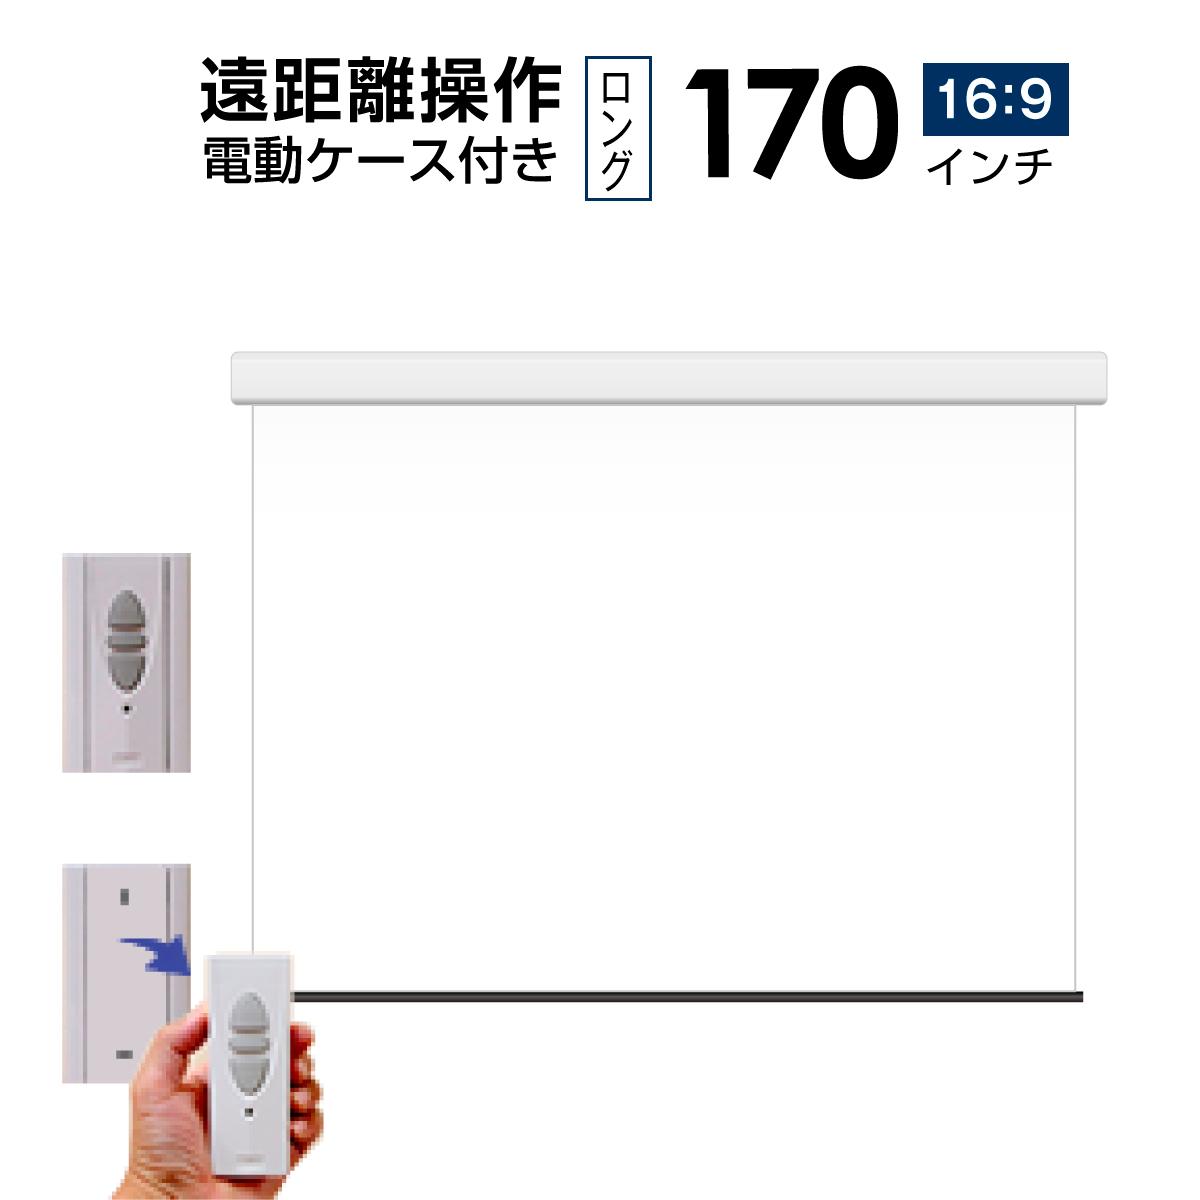 プロジェクタースクリーン 電動遠距離ケース付きタイプ170インチ(16:9) マスクフリー WCR3770FEH-H4000